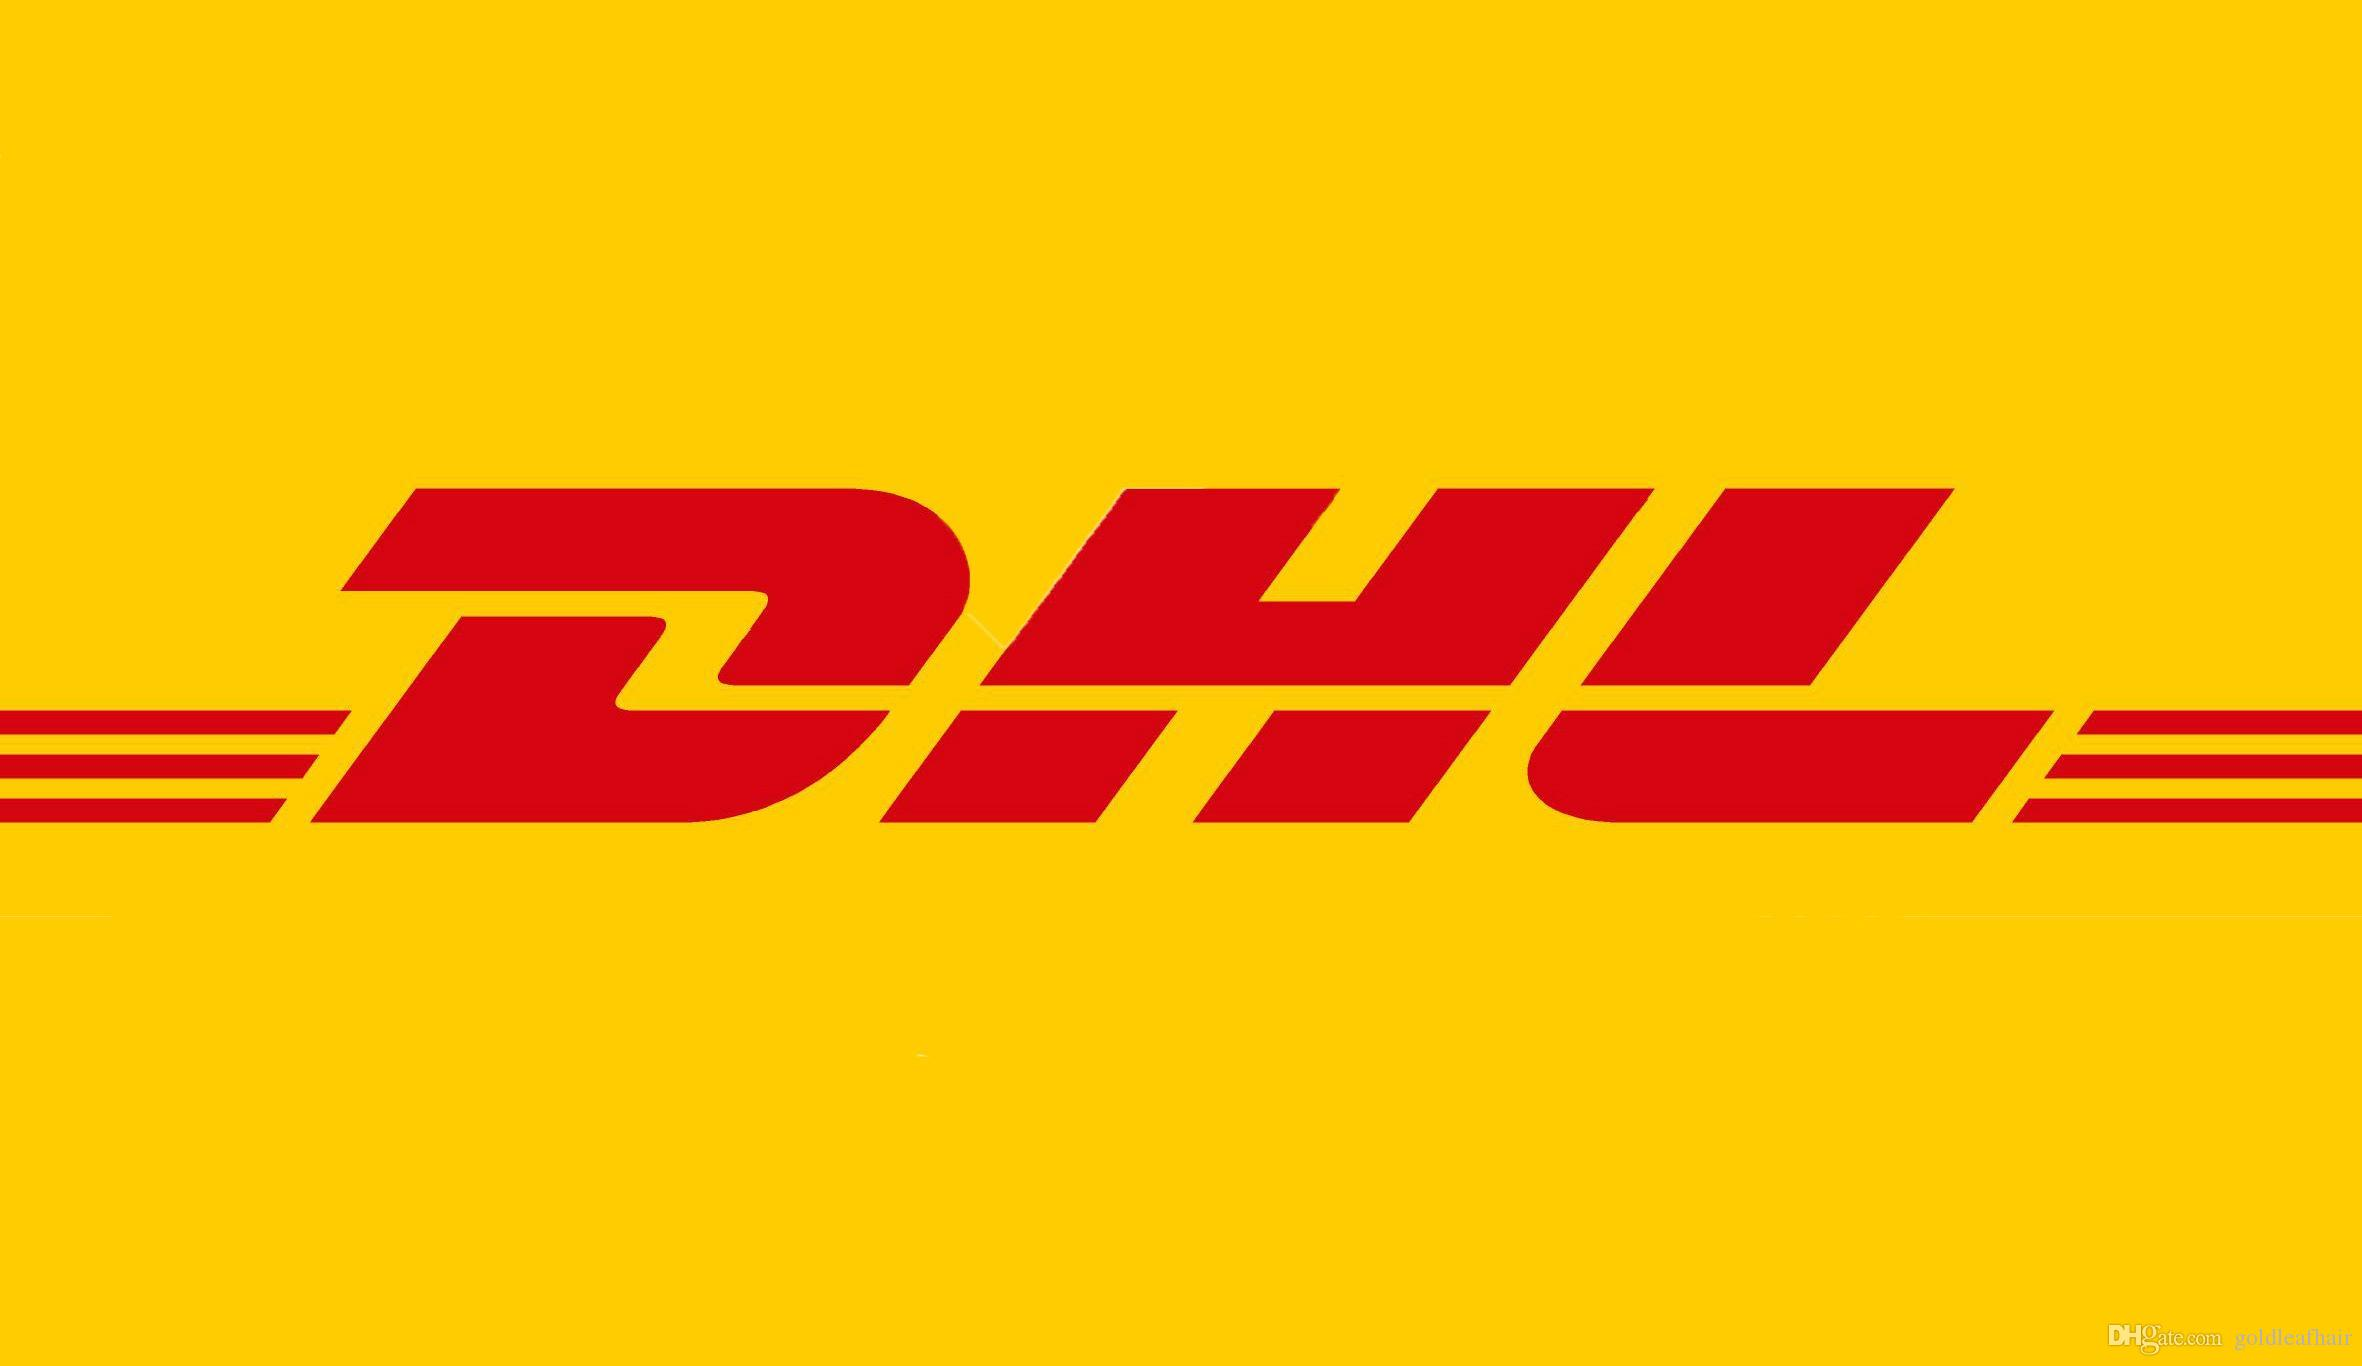 Spese di spedizione extra per DHL / UPS